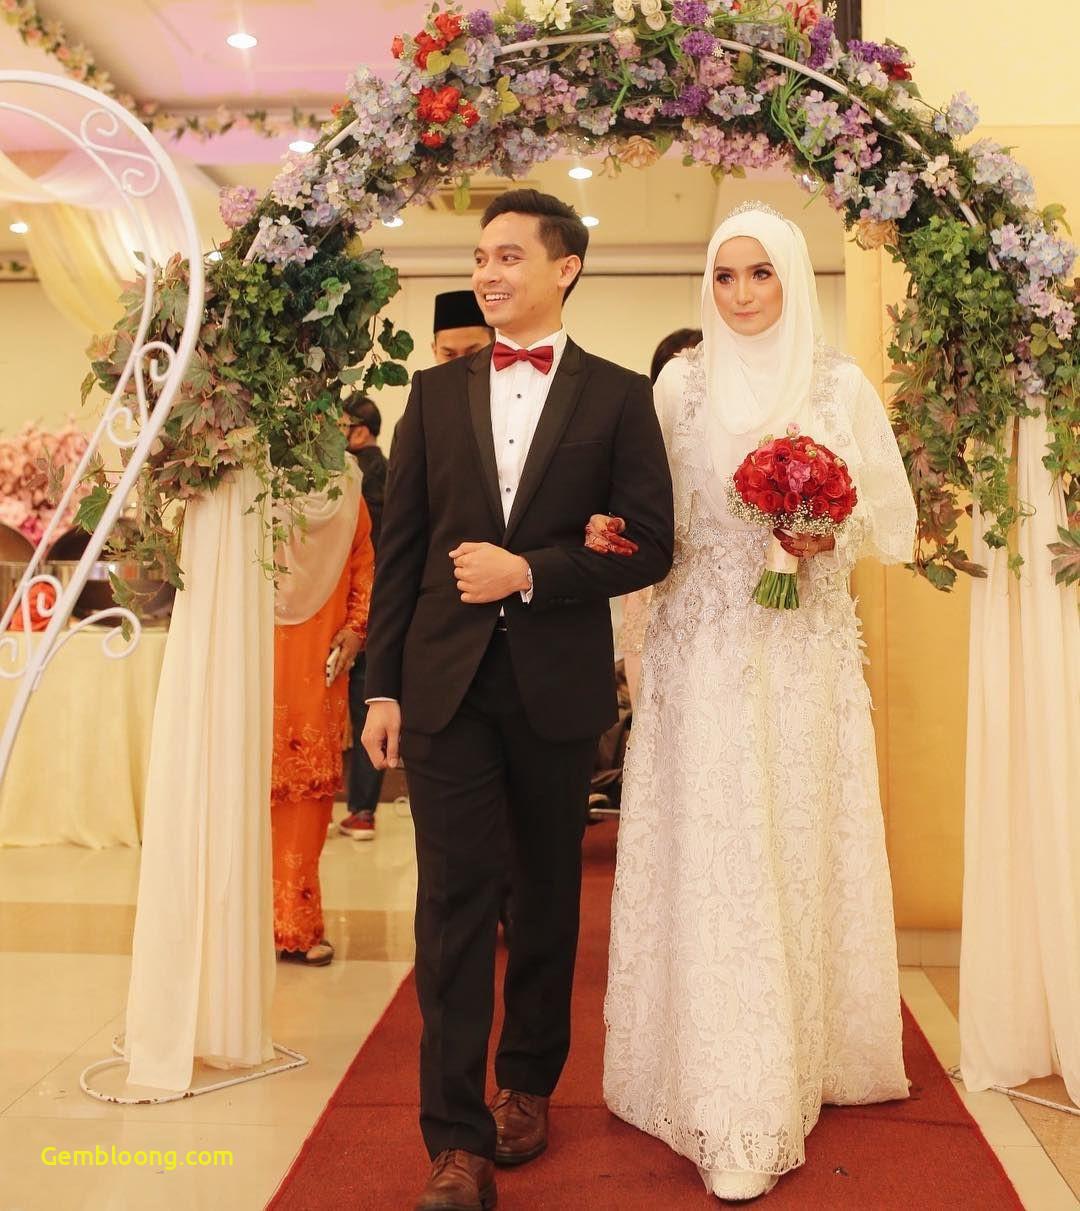 Gaun Sederhana Pengantin Berhijab Unique 12 Desain Gaun Pernikahan Muslimah Elegan Nan Sederhana